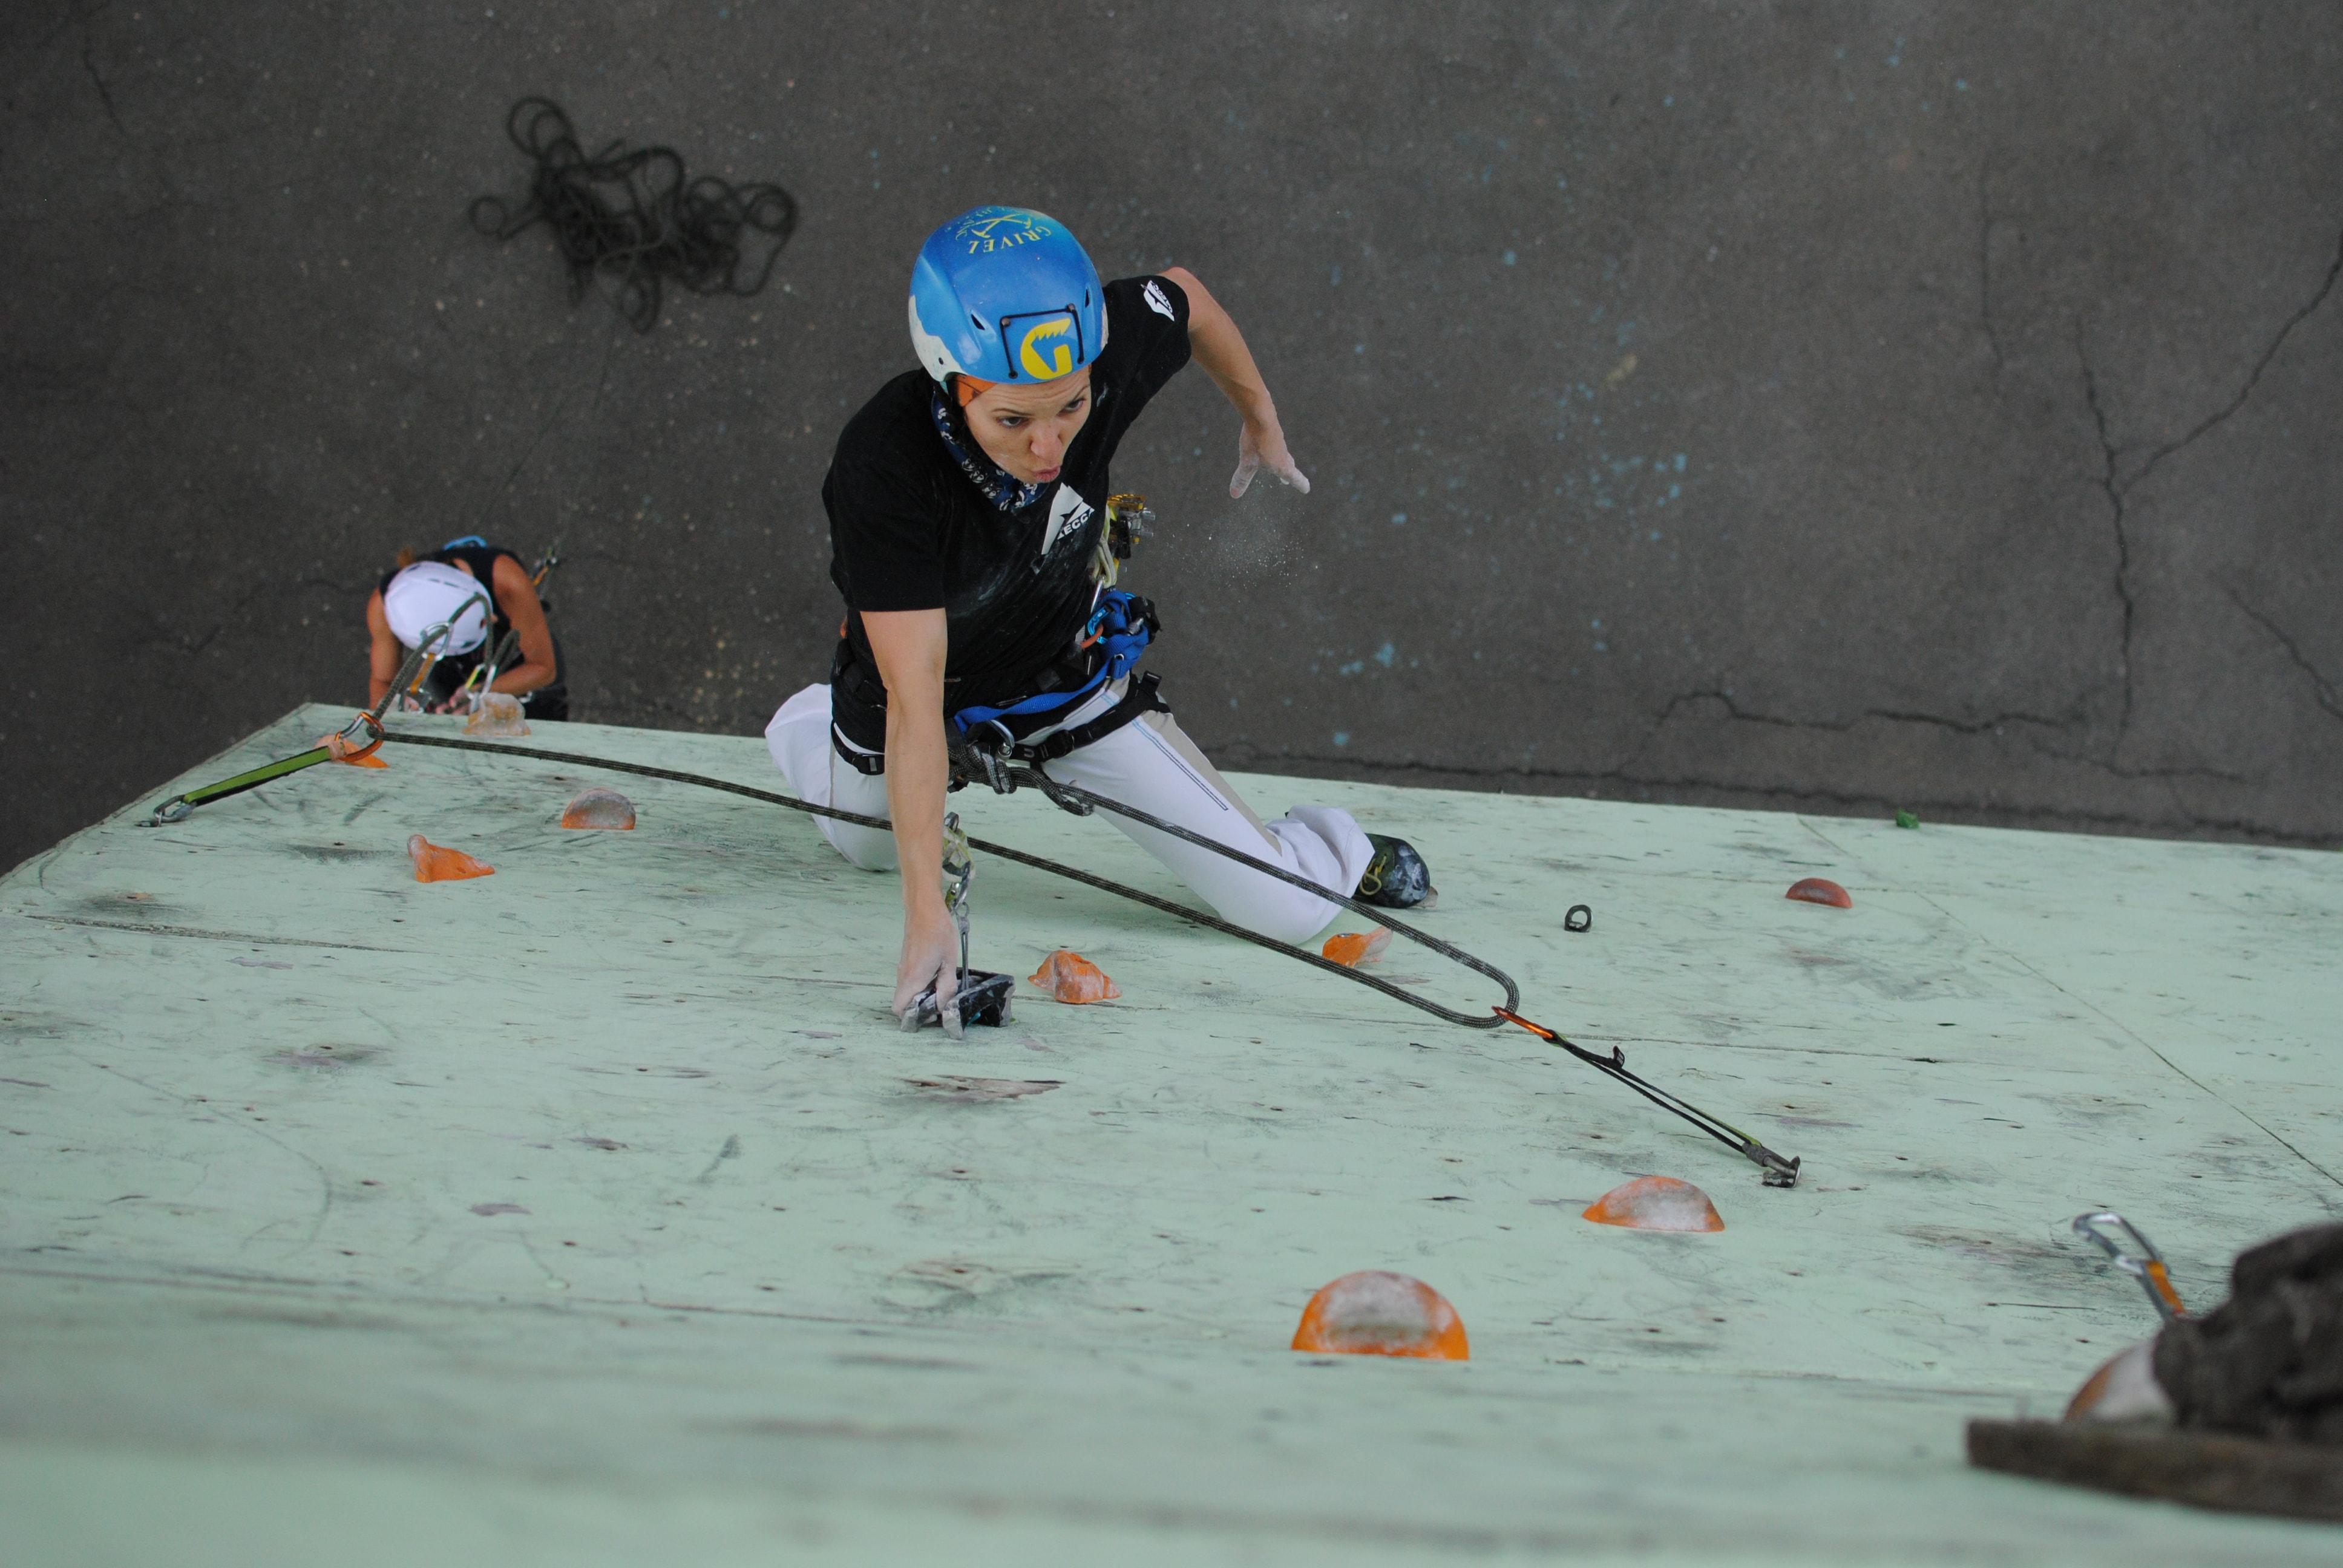 Богдана Зелинченко проходит сложный участок в финале соревнований